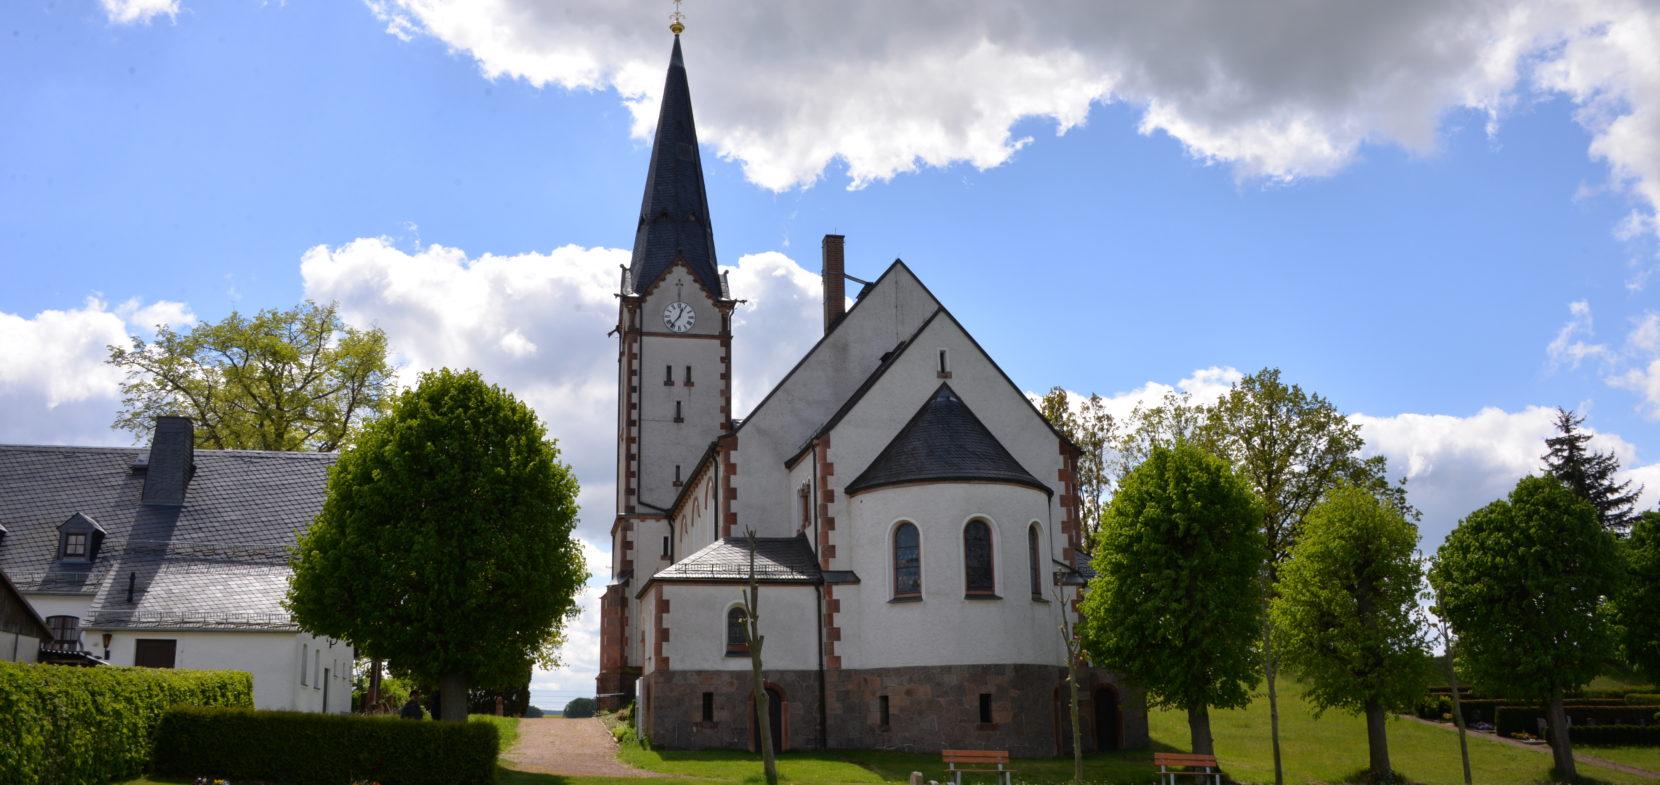 Kirchgemeinde Bräunsdorf-Niederfrohna